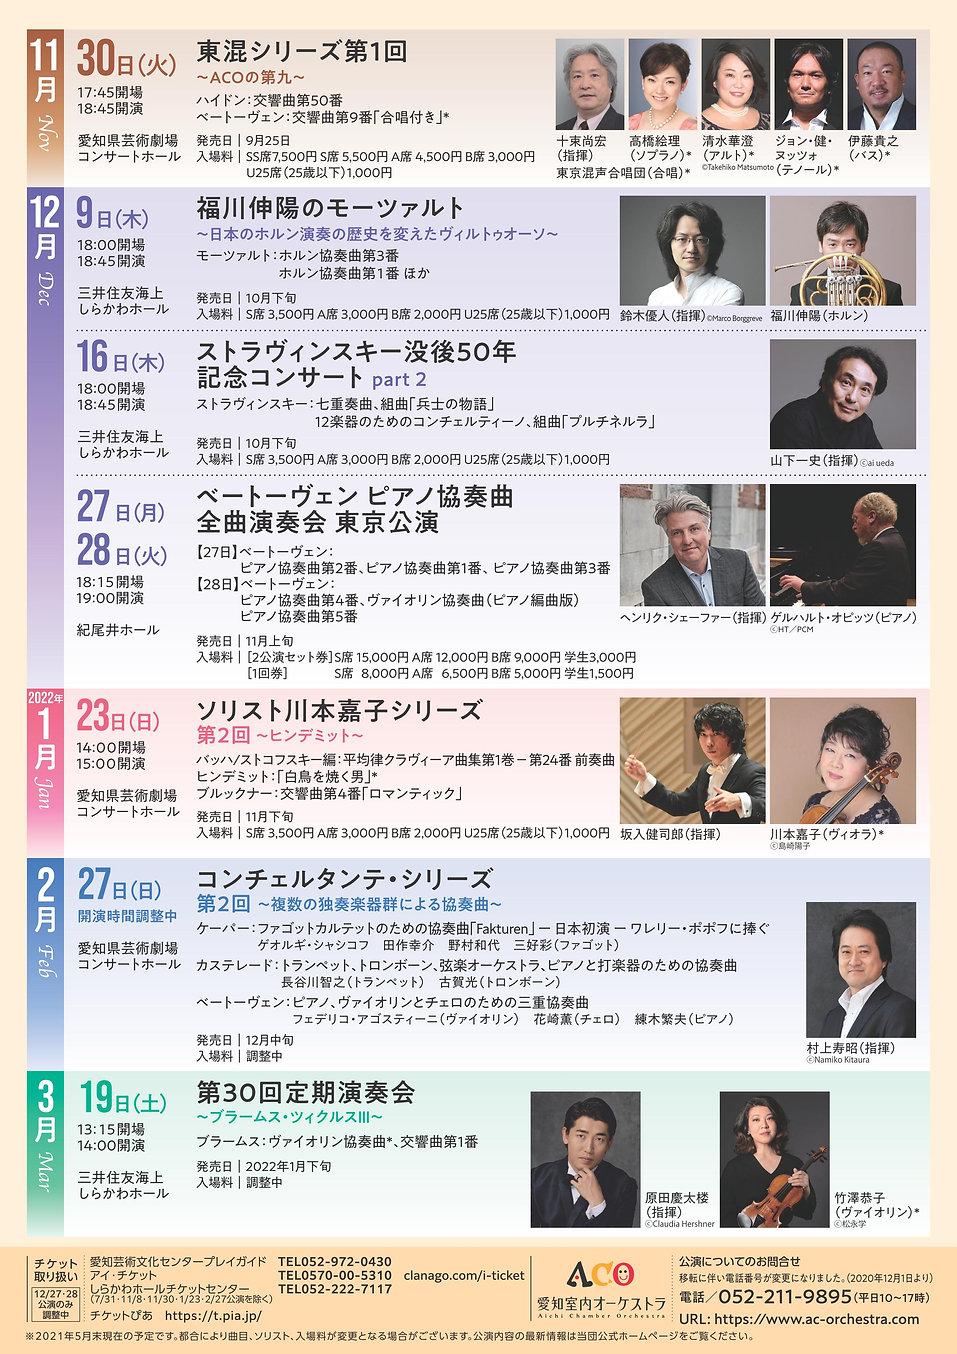 愛知室内オーケストラ_裏2(正寸)06-01-2021.jpg